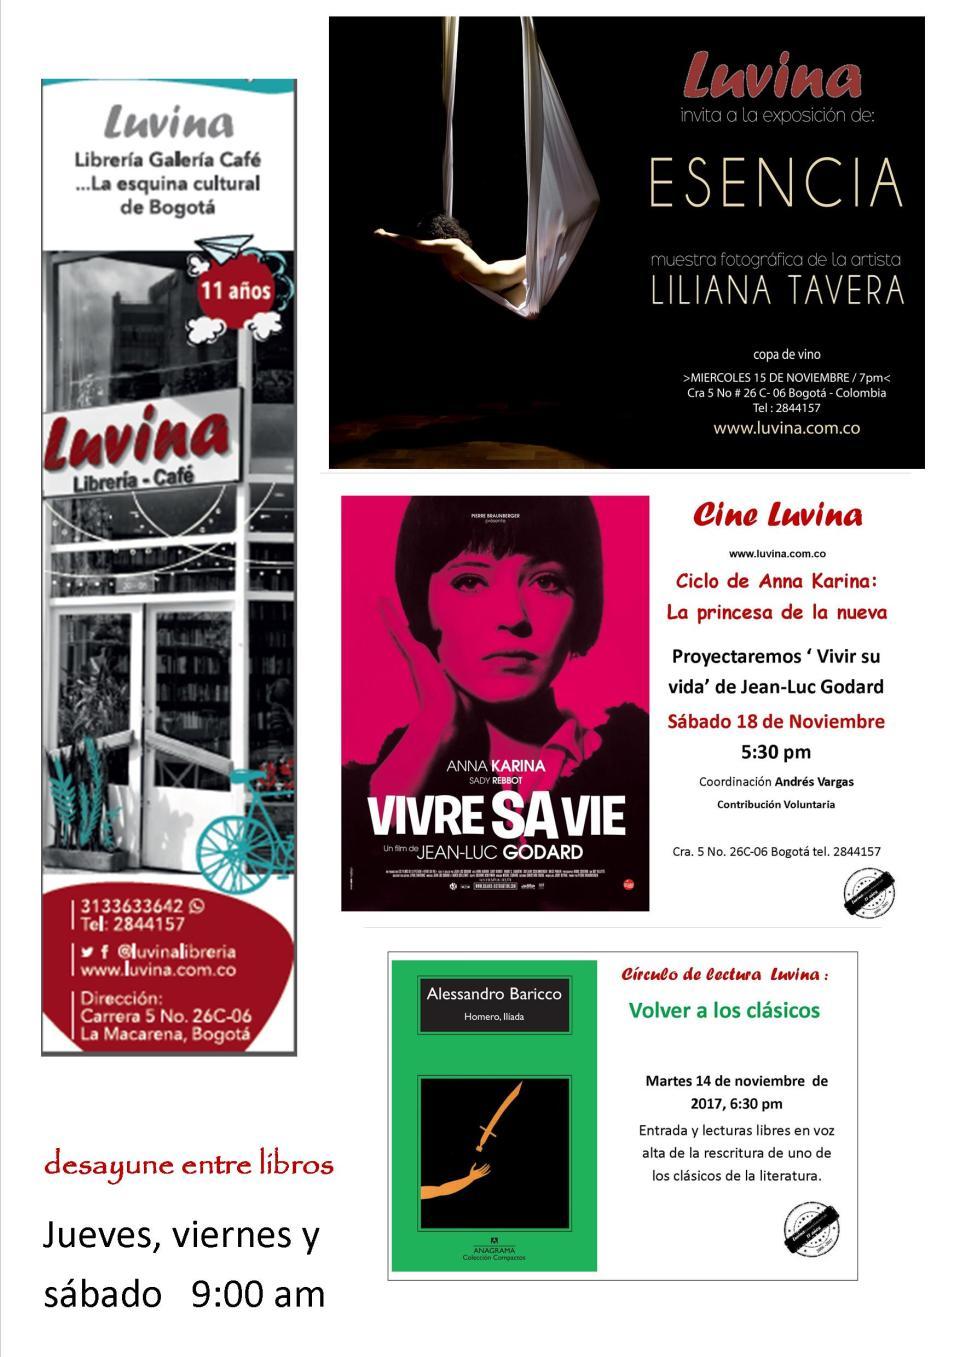 afiche de la semana 3